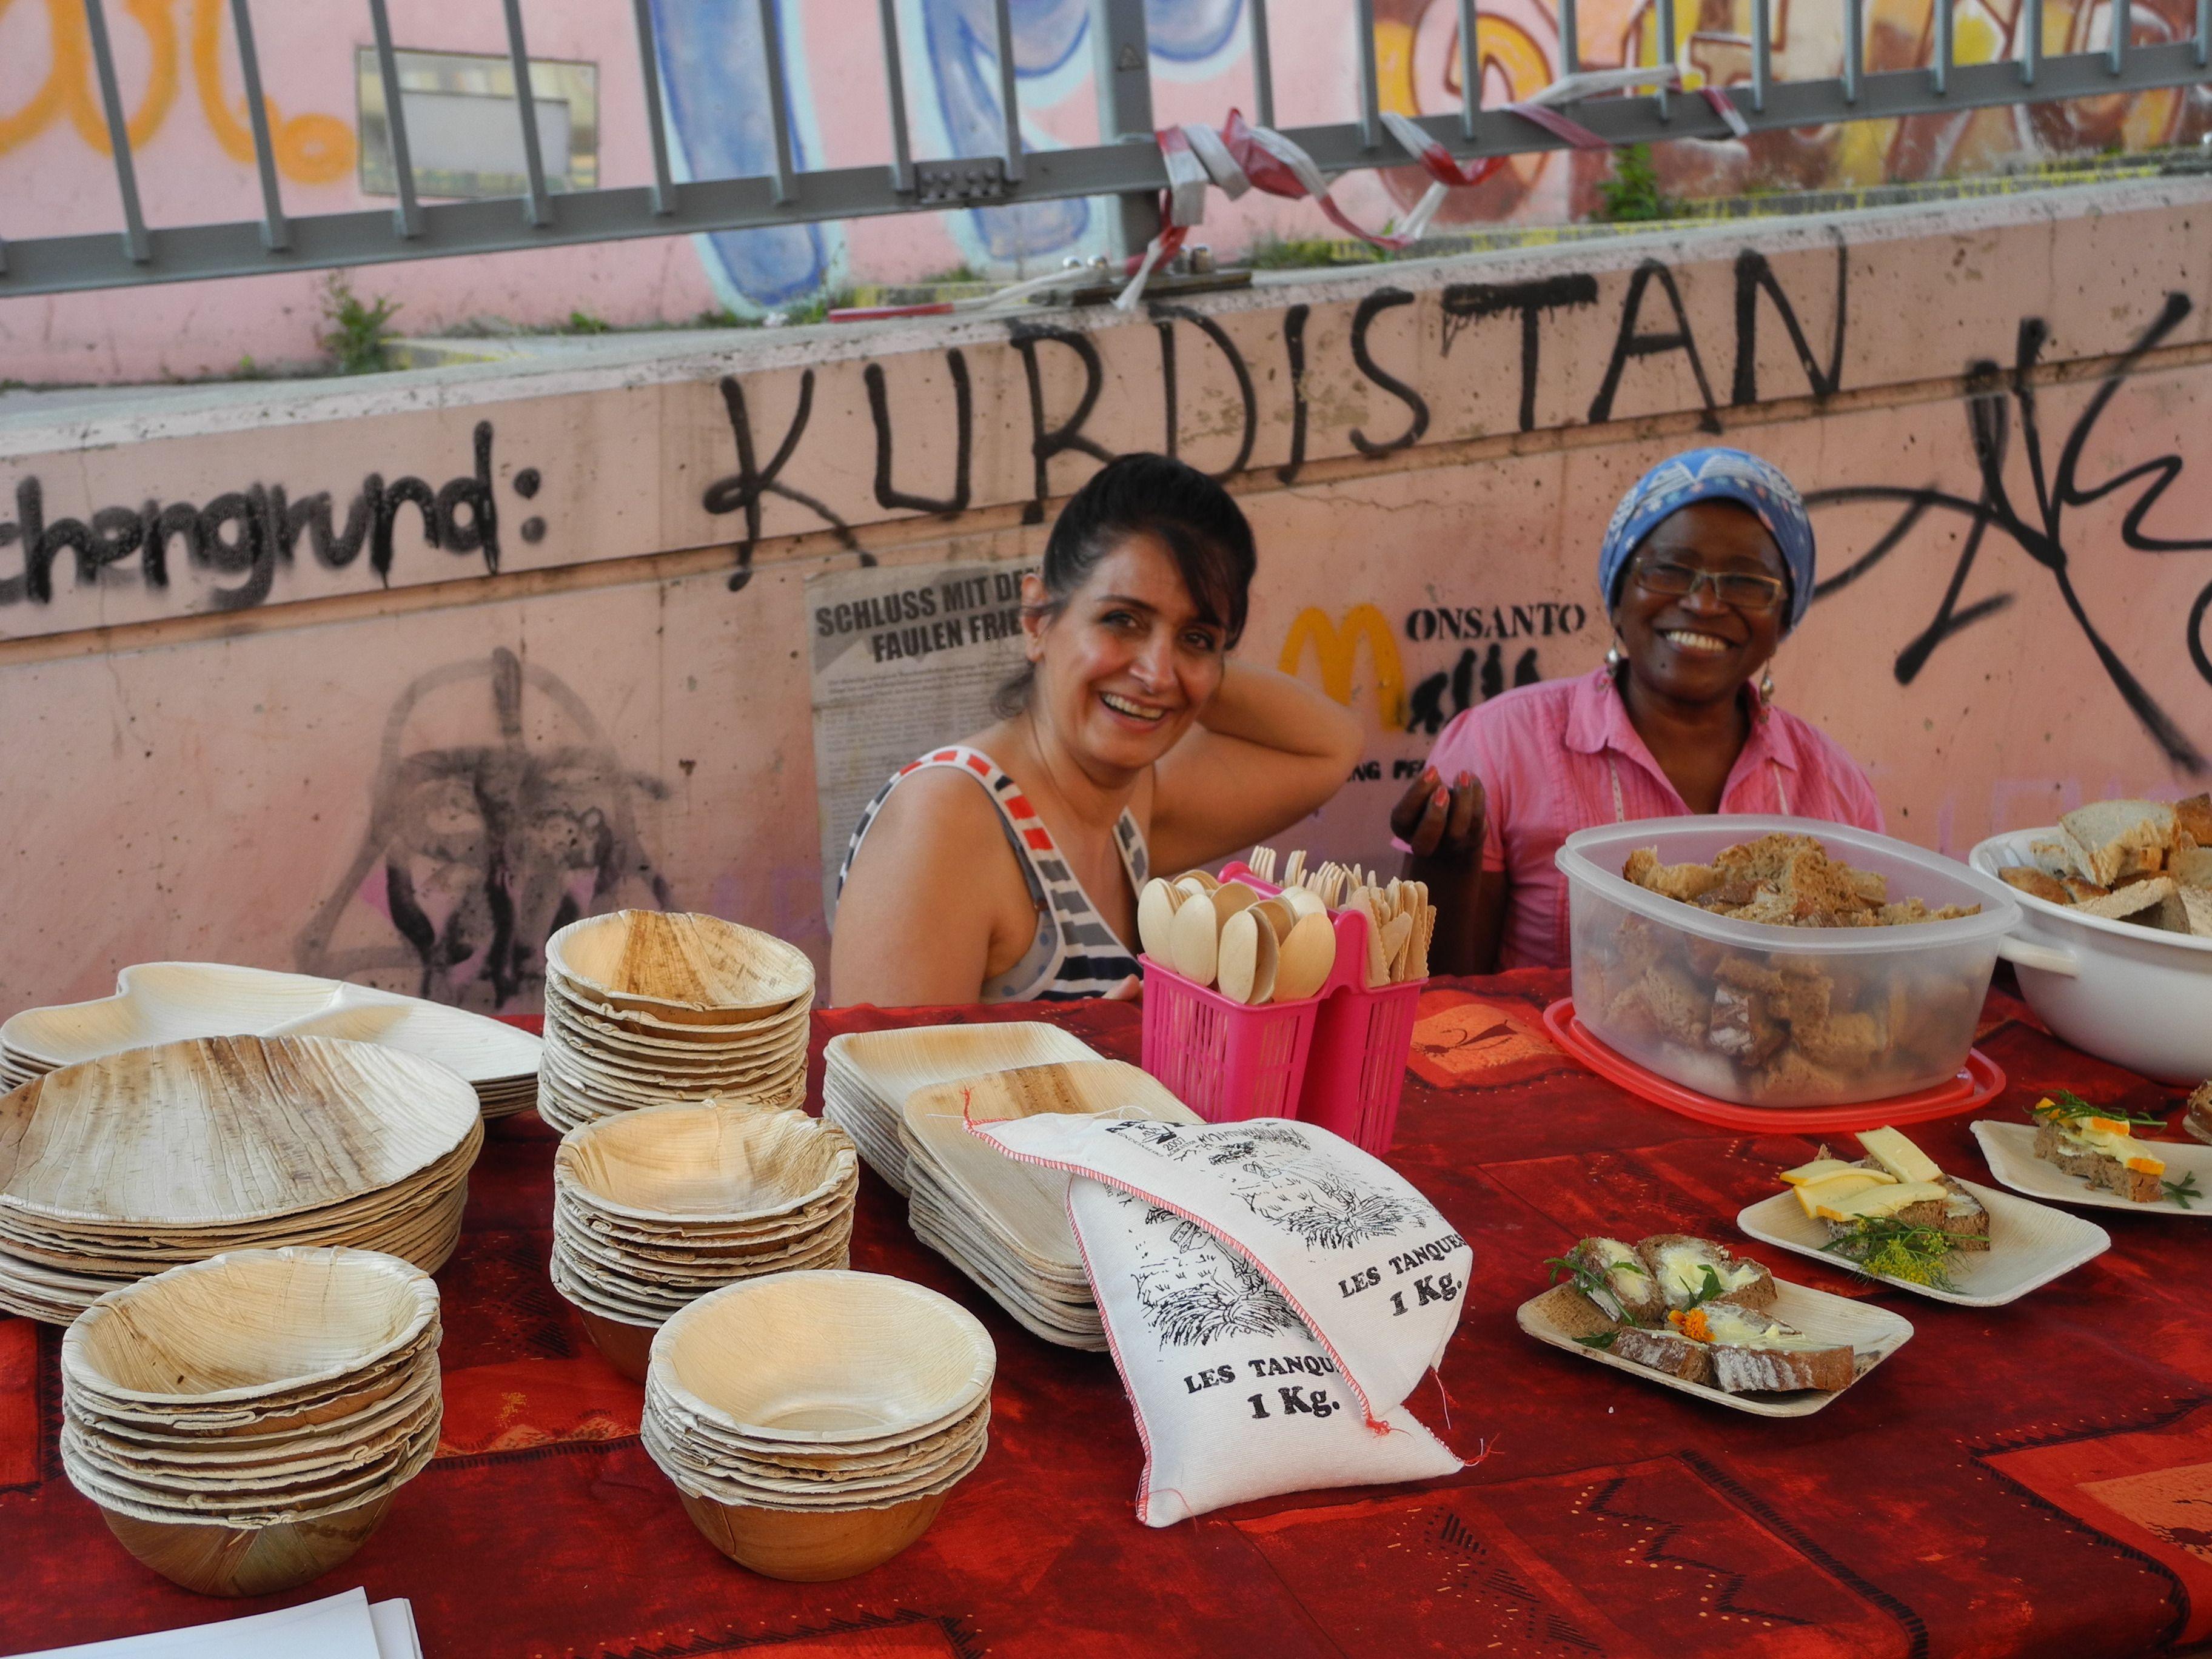 """""""Samstag in der Stadt"""". Proyecto sociocultural nacido de la I Biennale de Viena, Austria y desarrollado desde 2010 en la plaza y el mercado Schwendermarkt de Viena. Trata sobre soberanía alimentaria, la hortaliza común en la ciudad  y el derecho a una alimentación sana para todas las personas. Entre junio y octubre de este año se cocina en varios lugares de Viena. Todos los que quieren cocinan y comen juntos en un espacio público. Imágenes: Tamara Schwarzmayr y Nadia Prauhart"""